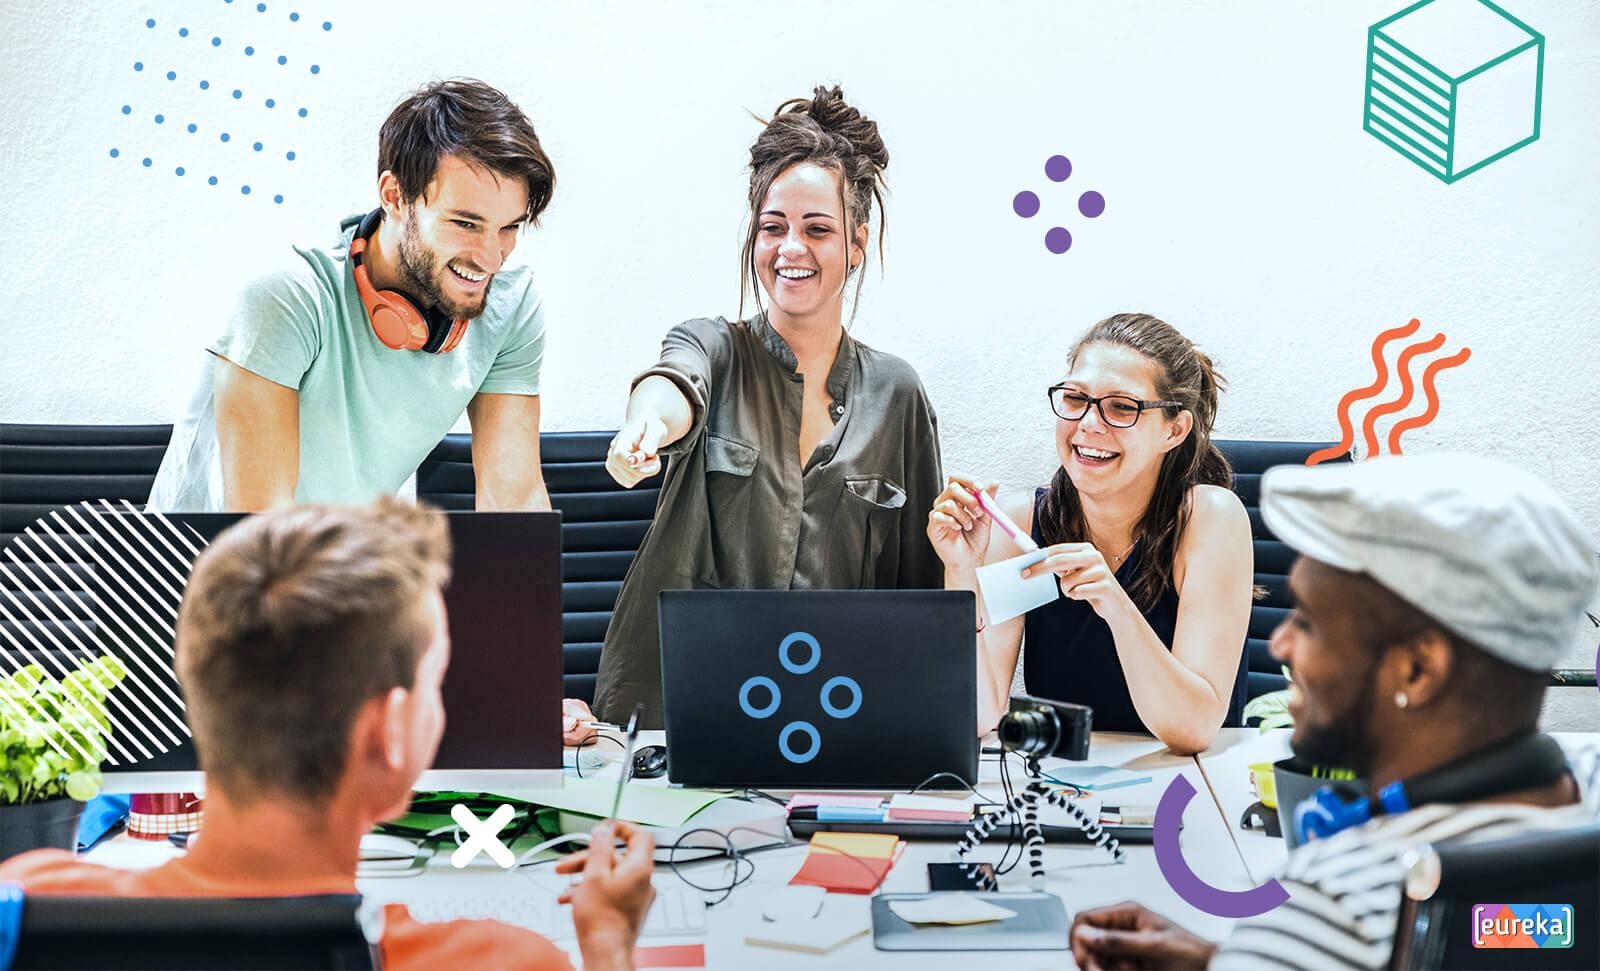 Mi teszi igazán élményszerűvé és hatékonnyá a munkahelyi képzést?